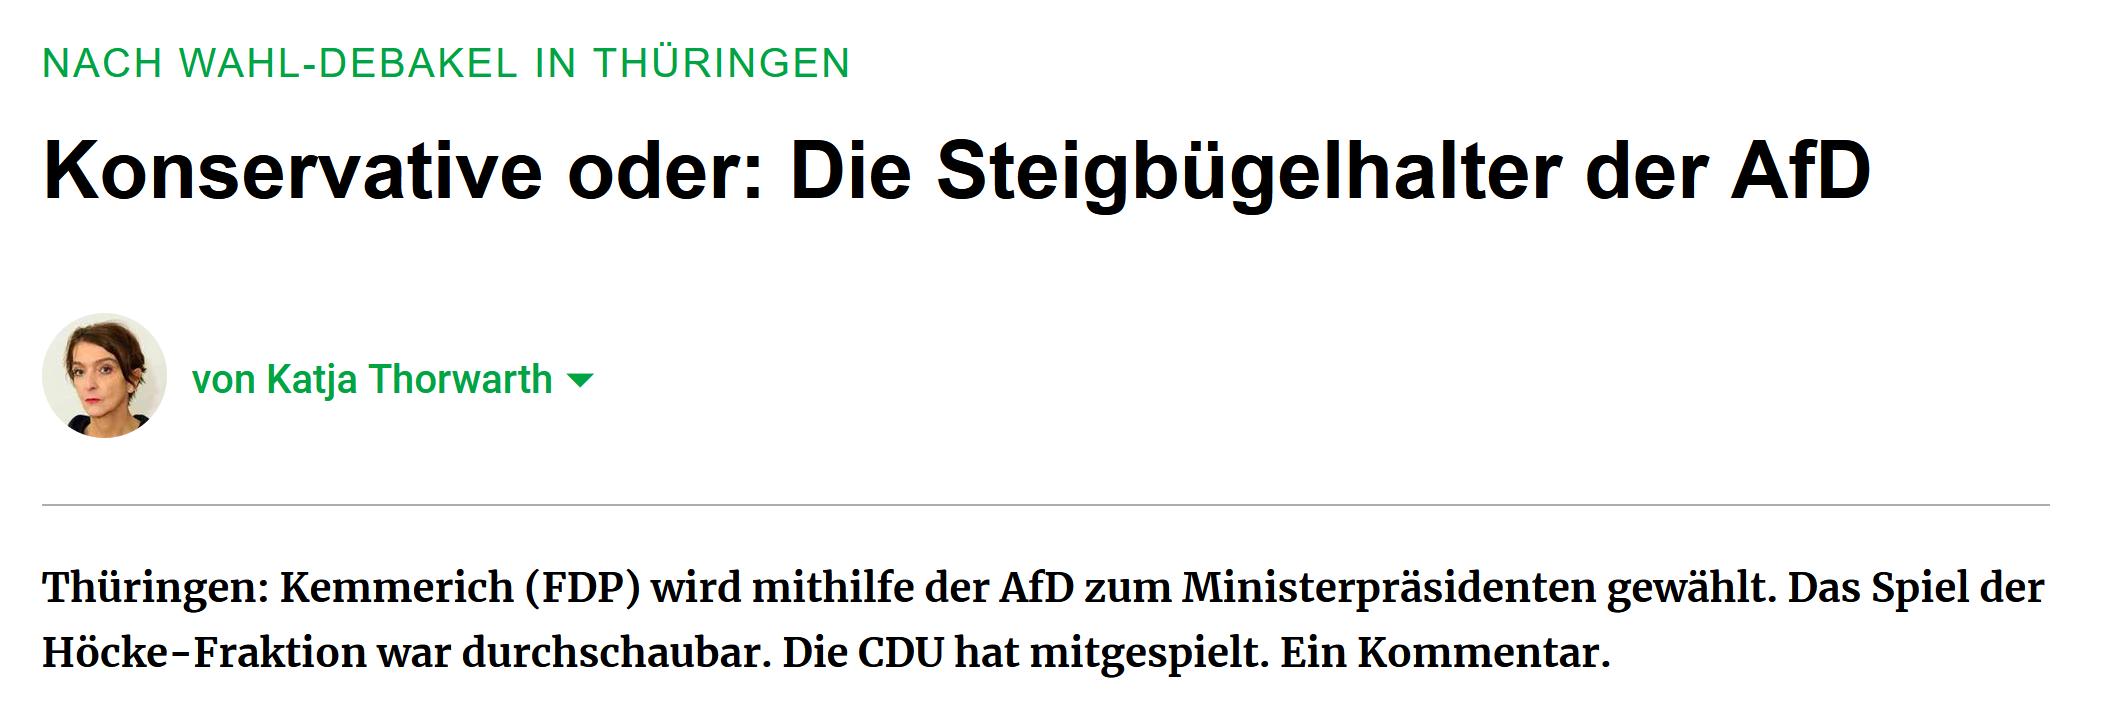 """""""Nach Wahldebakel in Thüringen: Konservative oder: Die Steigbügelhalter der AfD"""""""